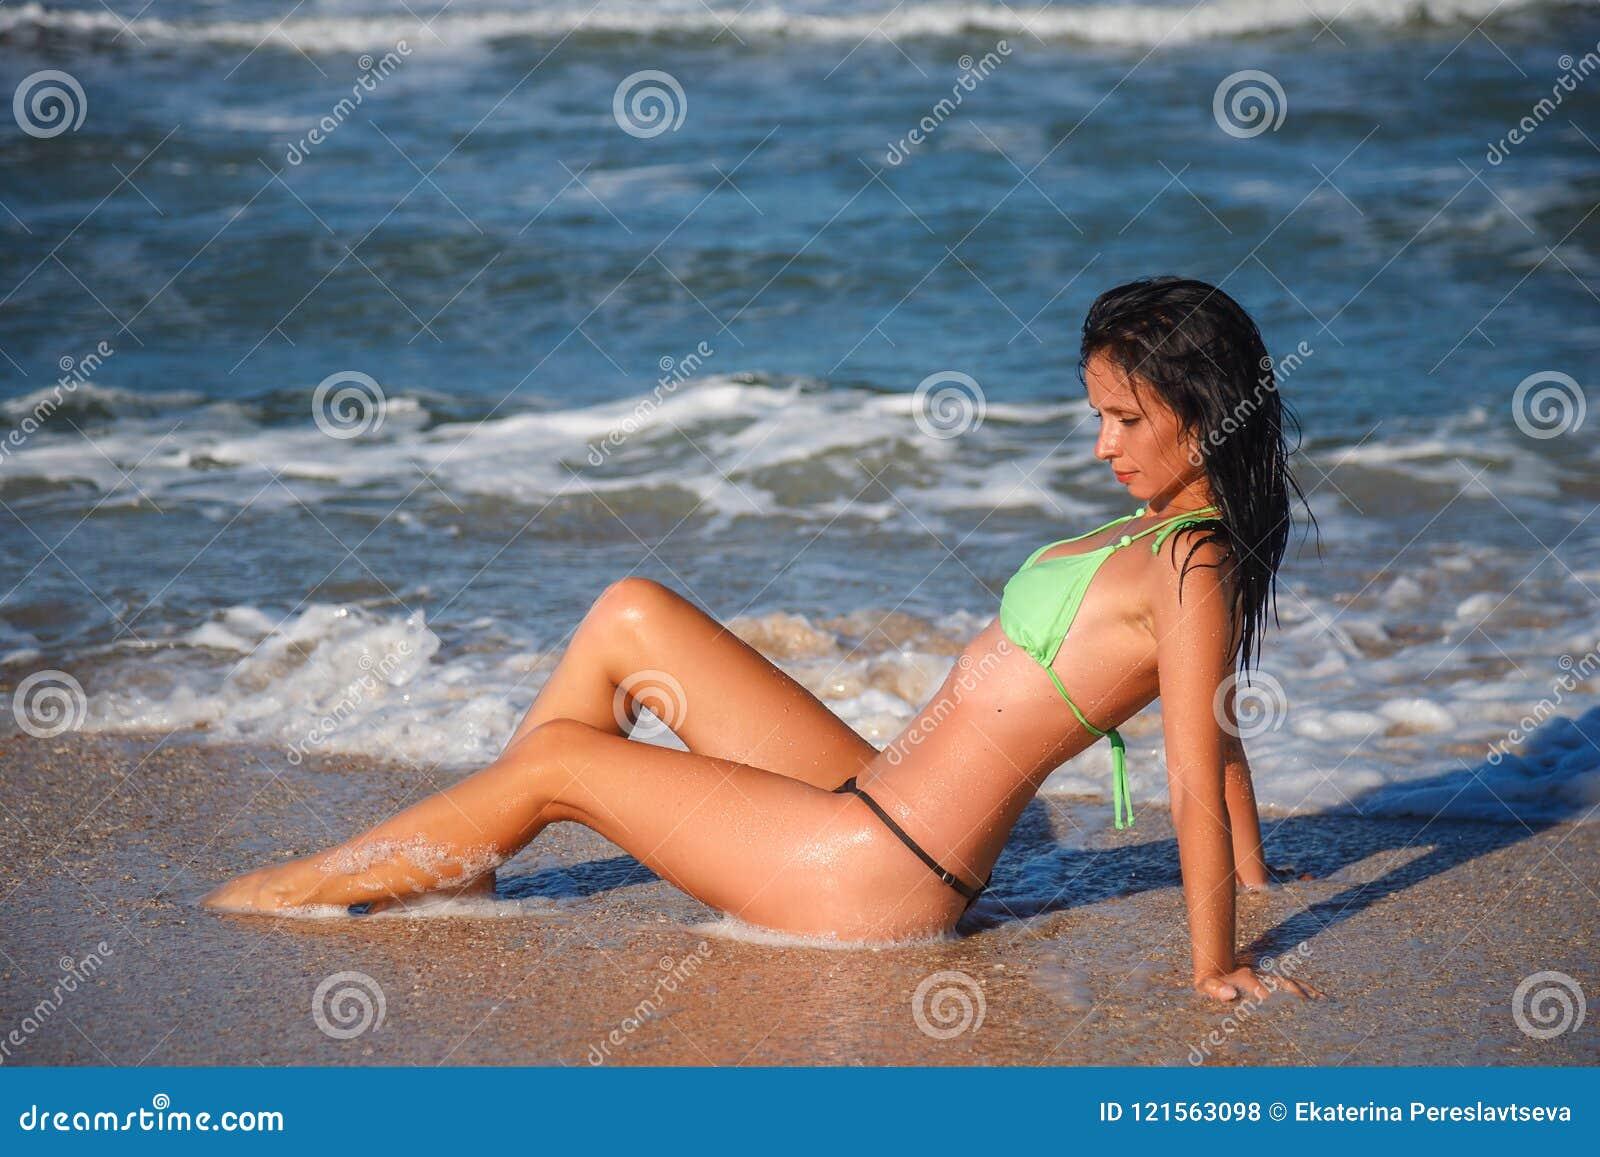 940537fb3251 Mujer Hermosa En Un Traje De Baño En El Concepto De La Relajación De ...